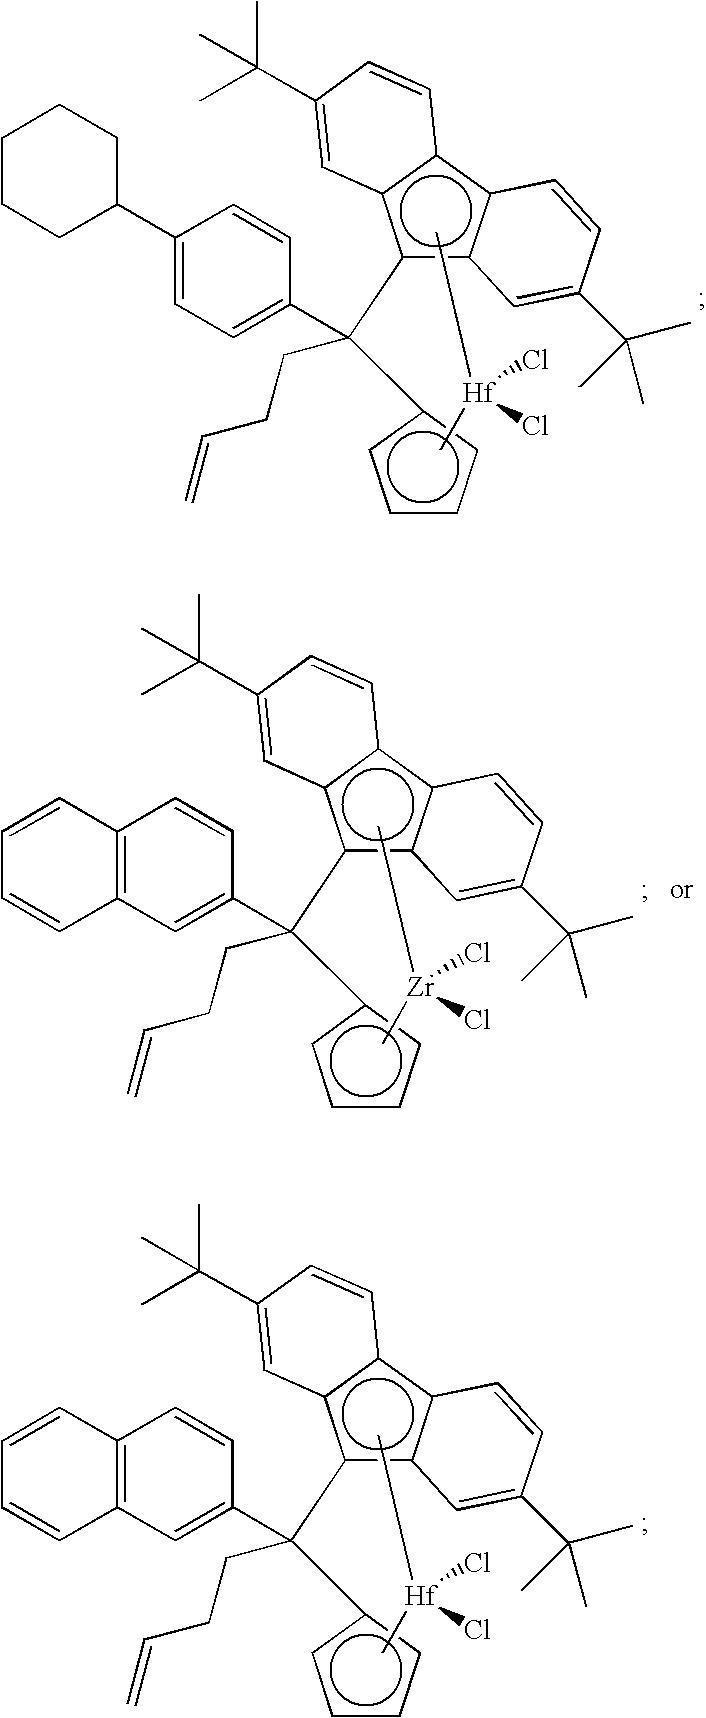 Figure US20090170690A1-20090702-C00008